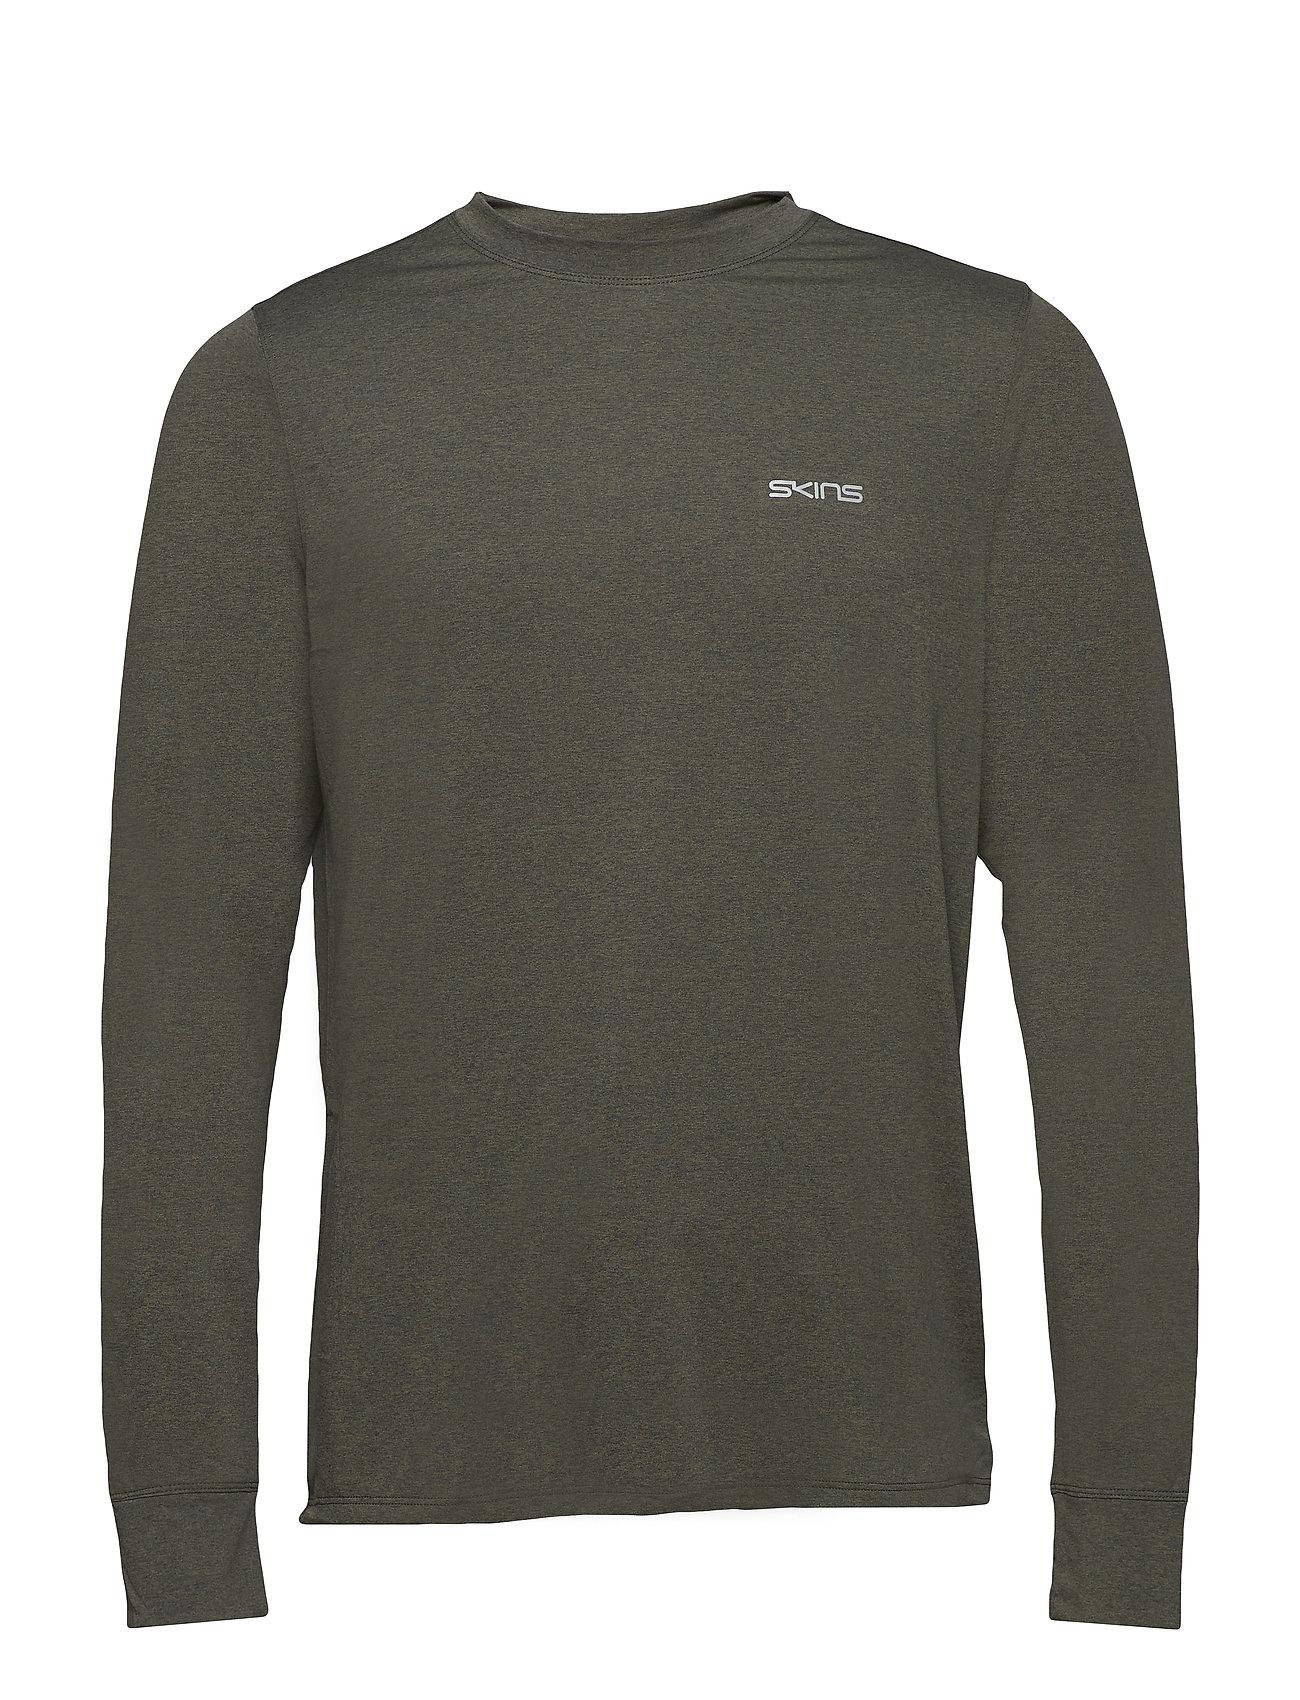 Skins Activewear Bergmar Mens Active Top L/S Round Neck